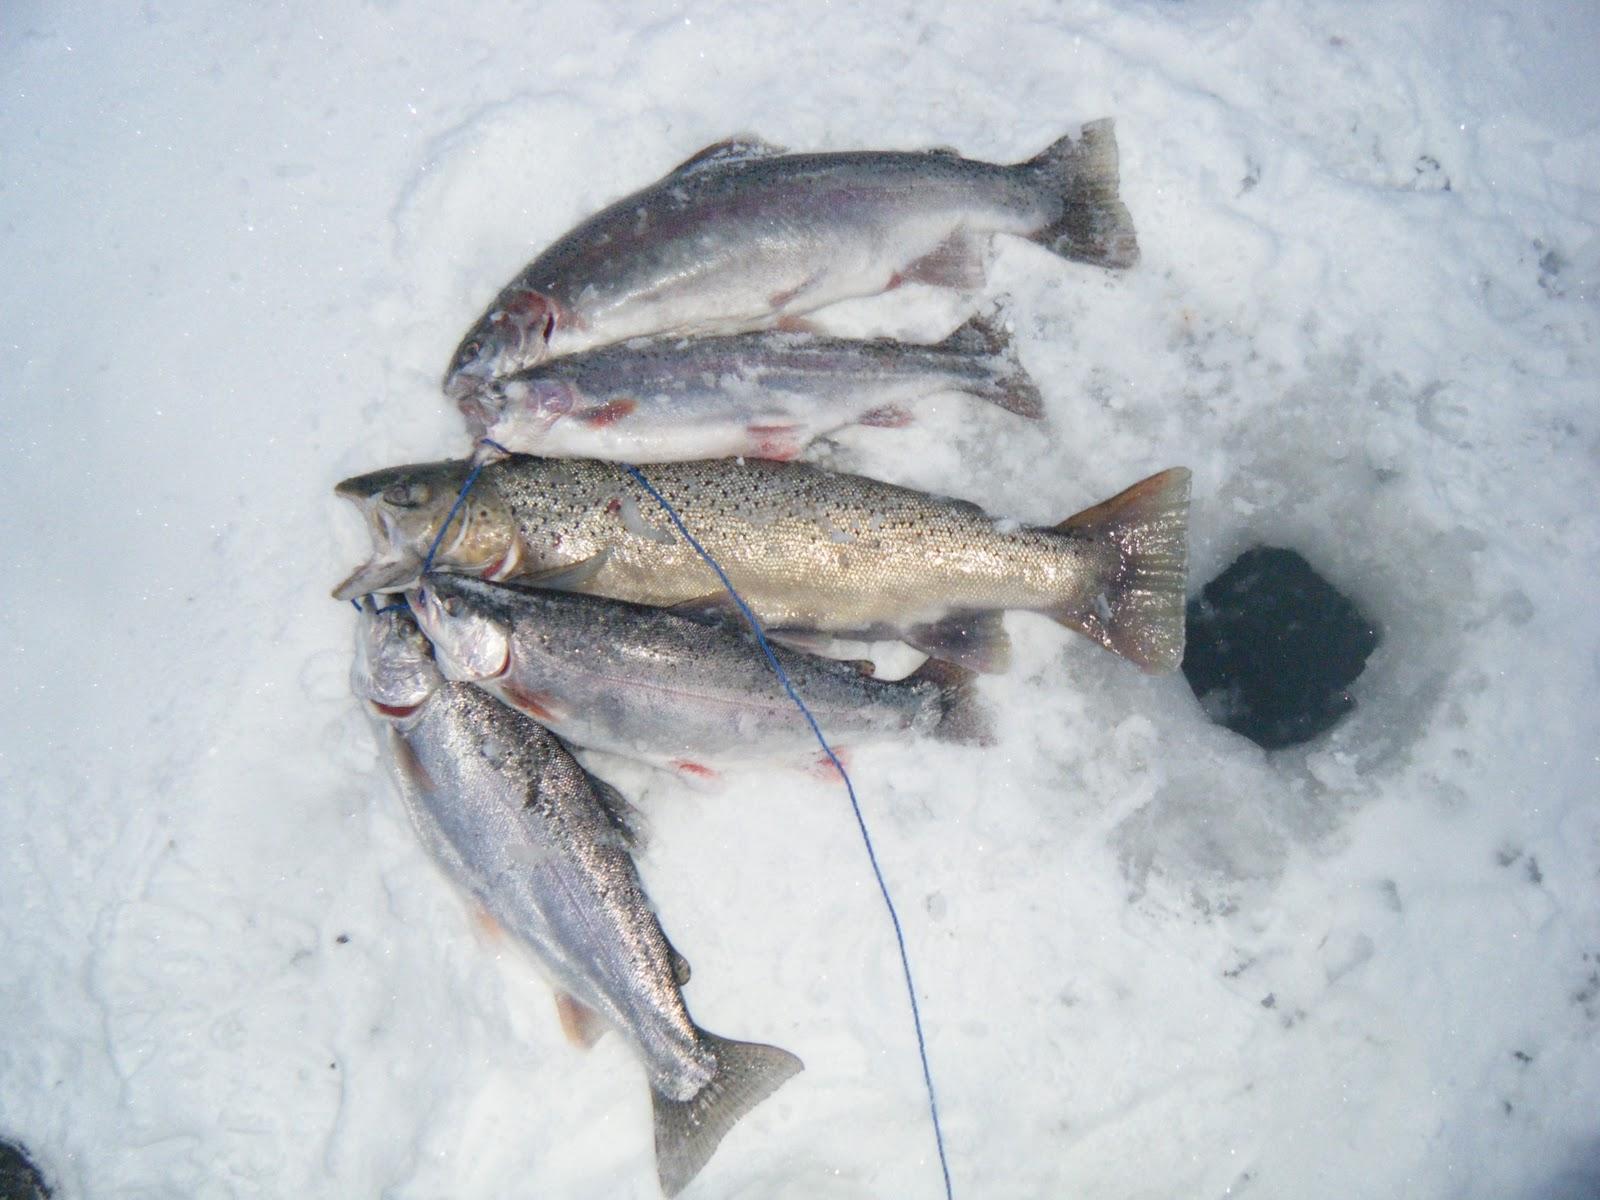 Wisconsin fishing reports 2012 sheboygan ice fishing for Wisconsin trout fishing